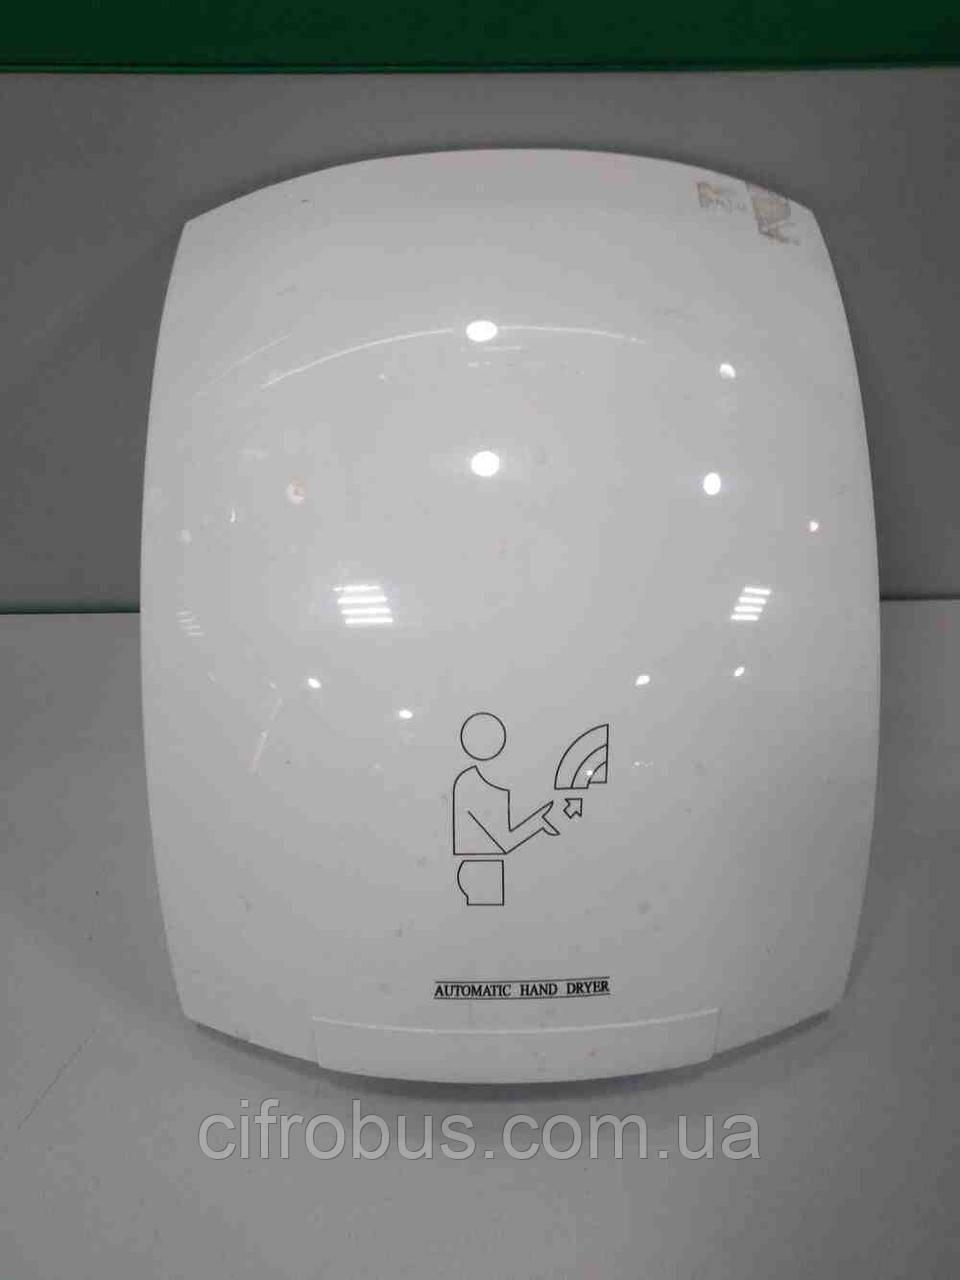 Б/У Hand Dryer IPX1 1800W